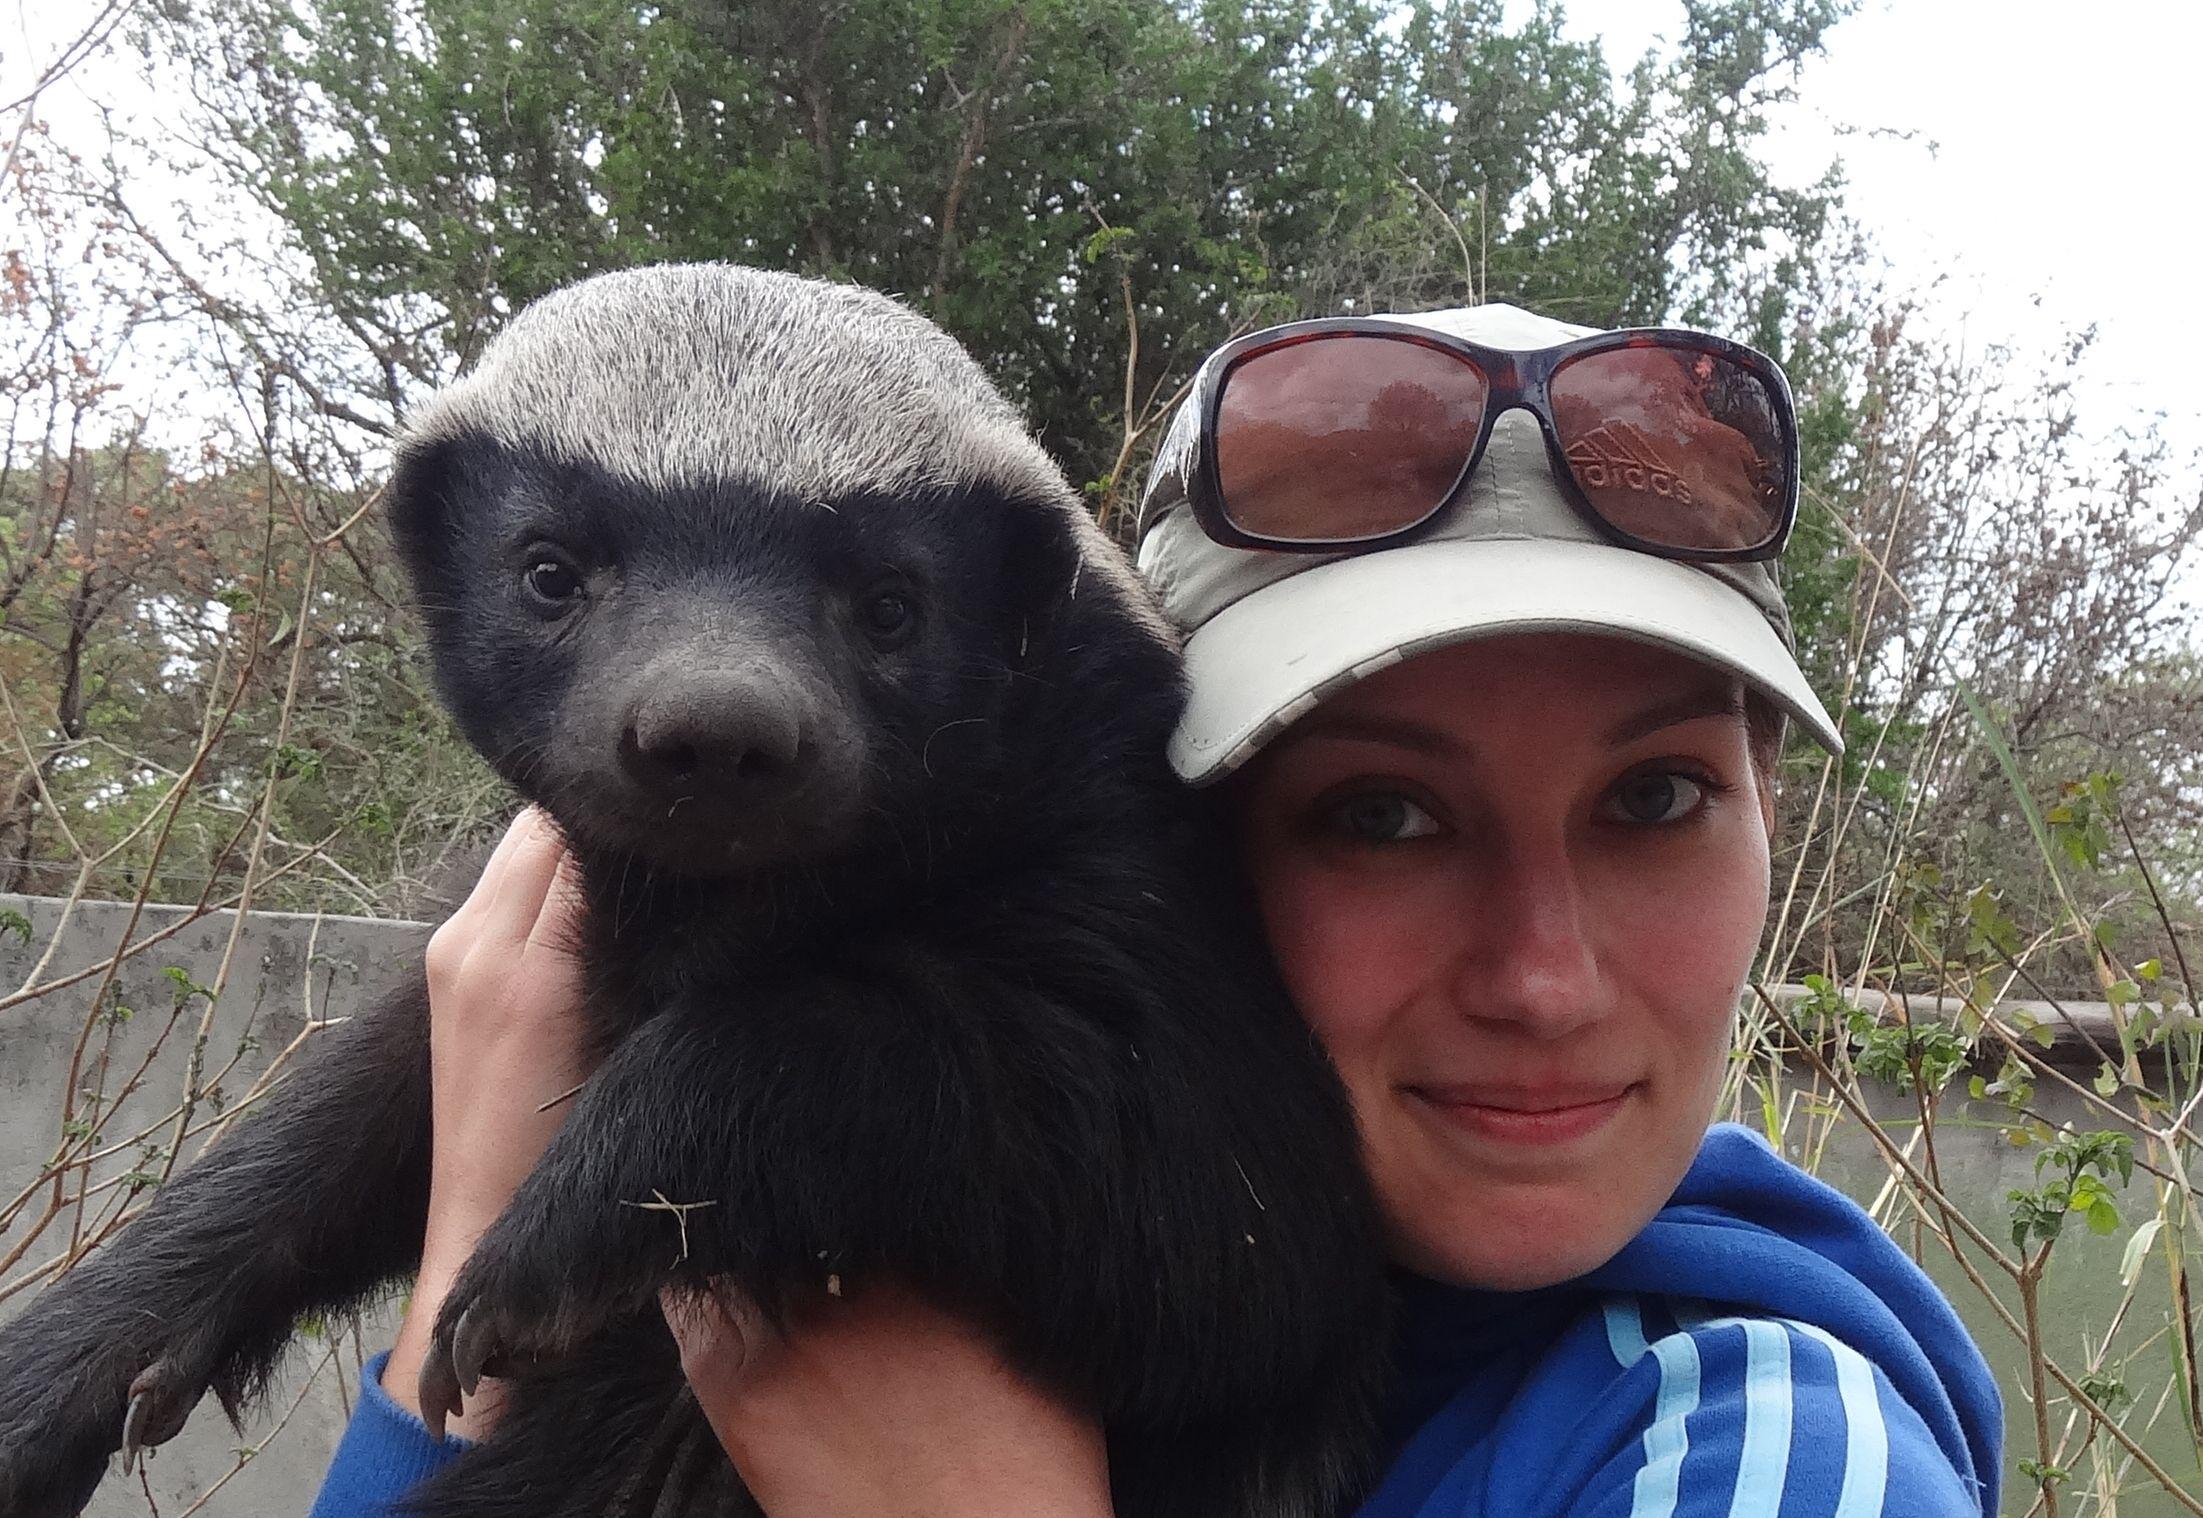 Polska Dr Dollitle przytula gepardy, miodożery i wilki